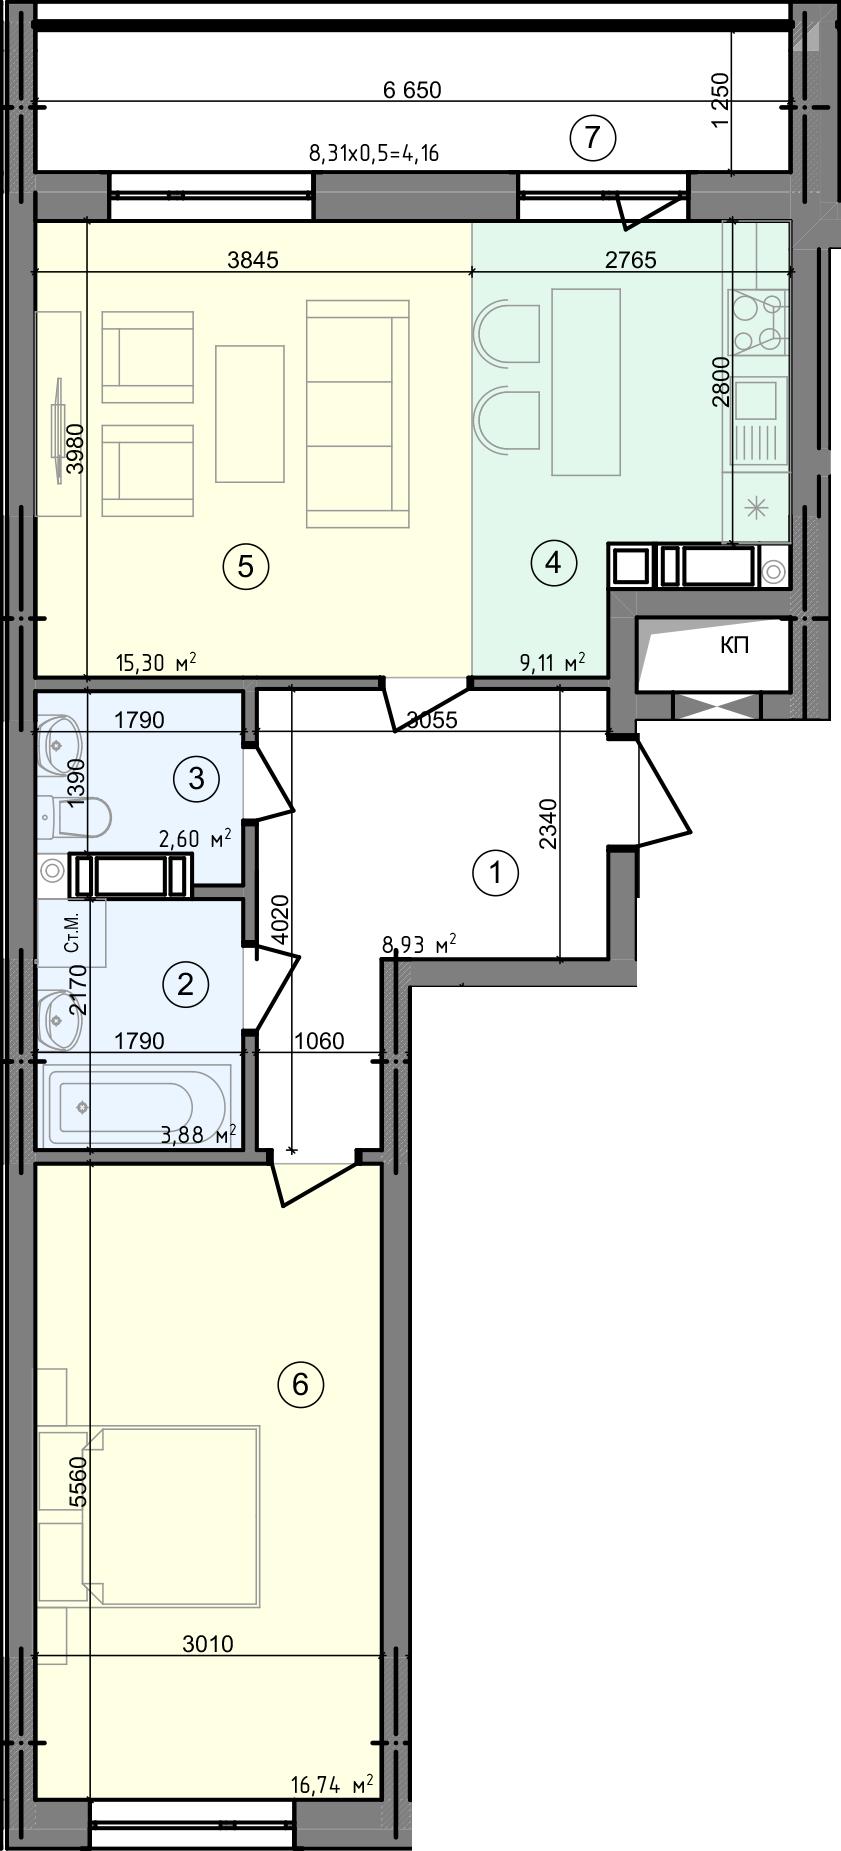 Купити Двокімнатна квартира 60,72 кв.м., тип 2.2, будинок 2, секція 5 в Києві Голосіївський район